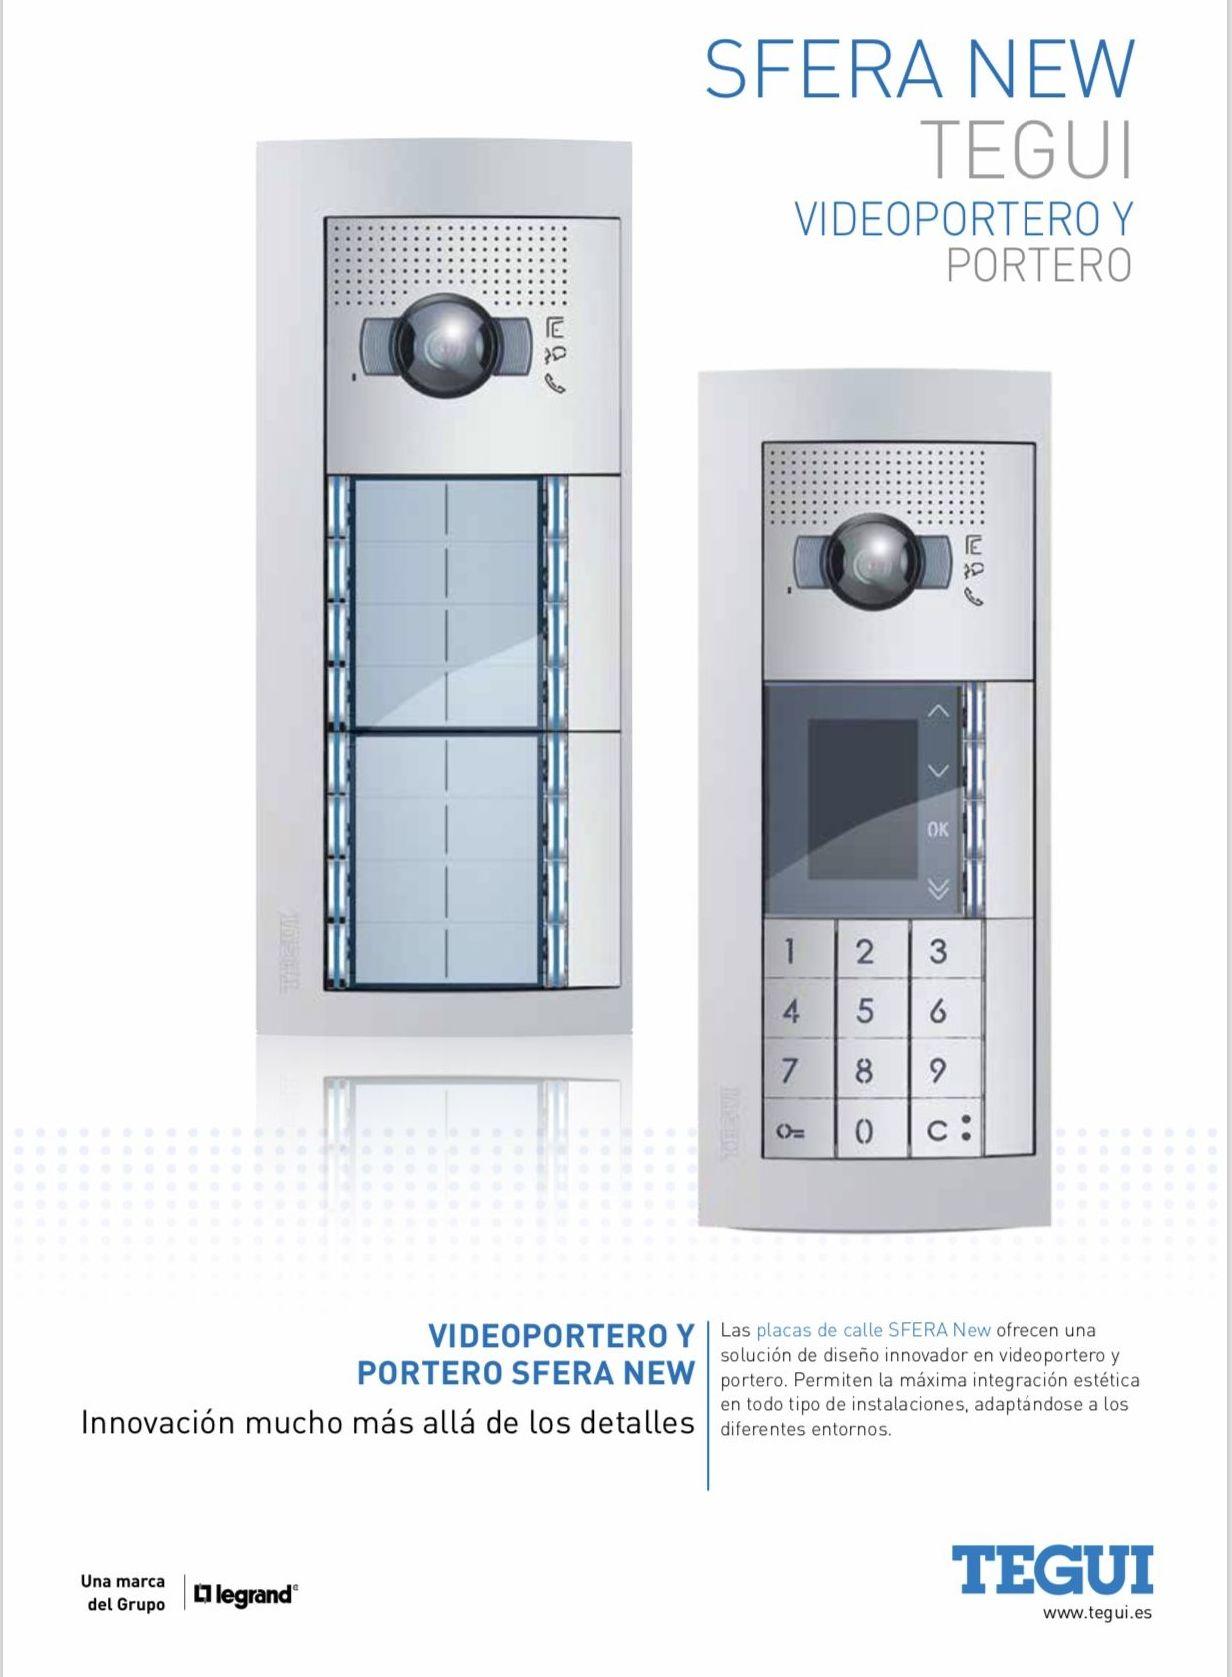 RUIMORMA instaladores de videoportero en Plaza de Castilla